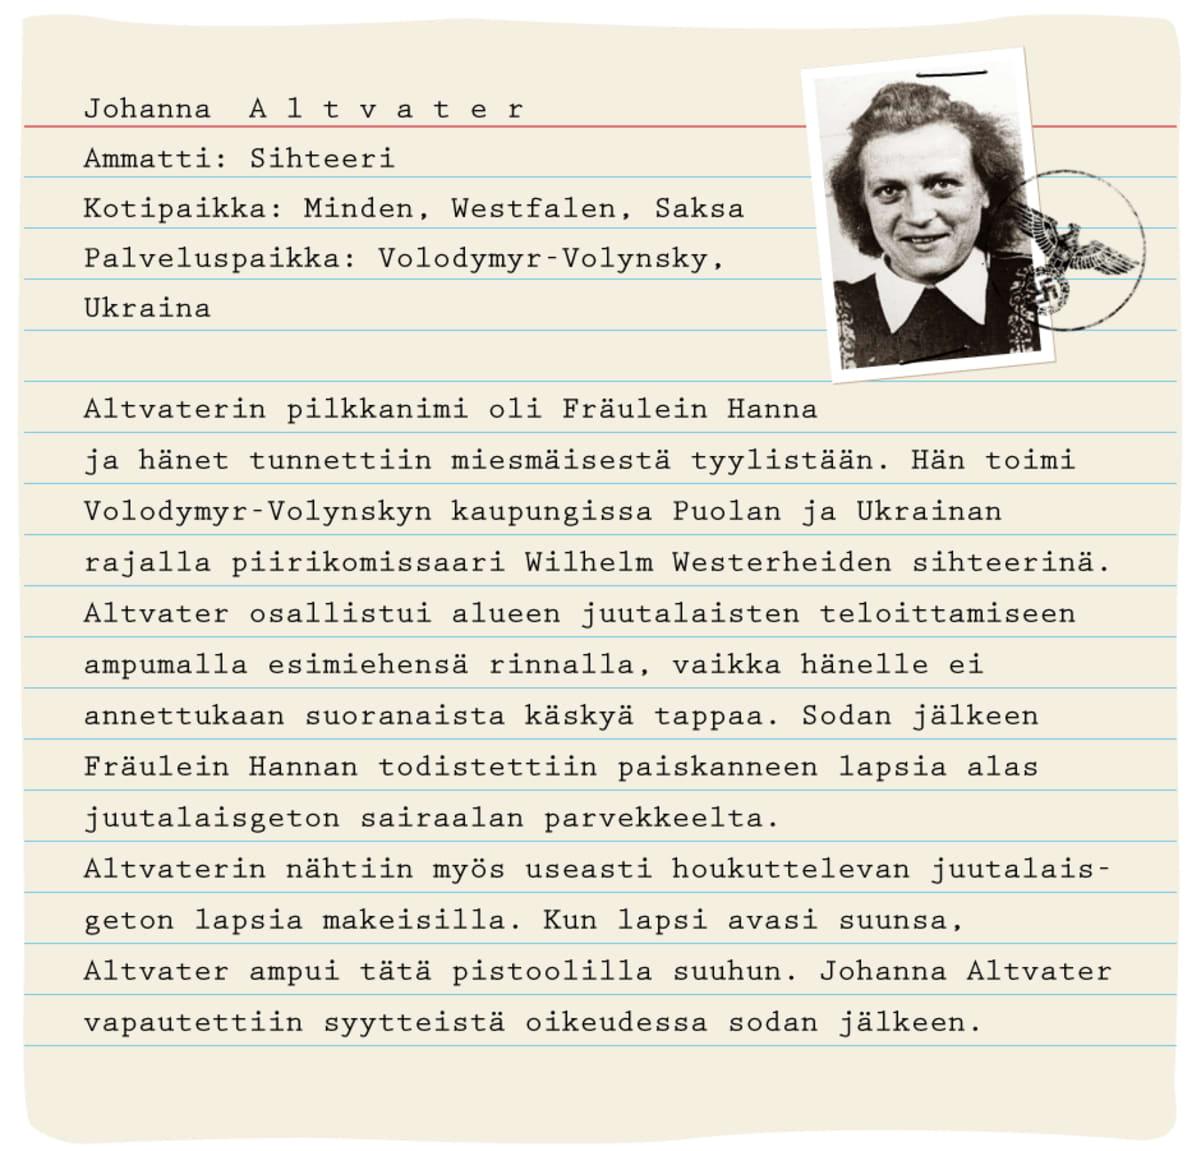 Henkilökortti: Johanna Altvater, sihteeri. Kotipaikka Miden, Westfalen. Palveluspaikka Volodymyr-Volynsky, Ukraina.